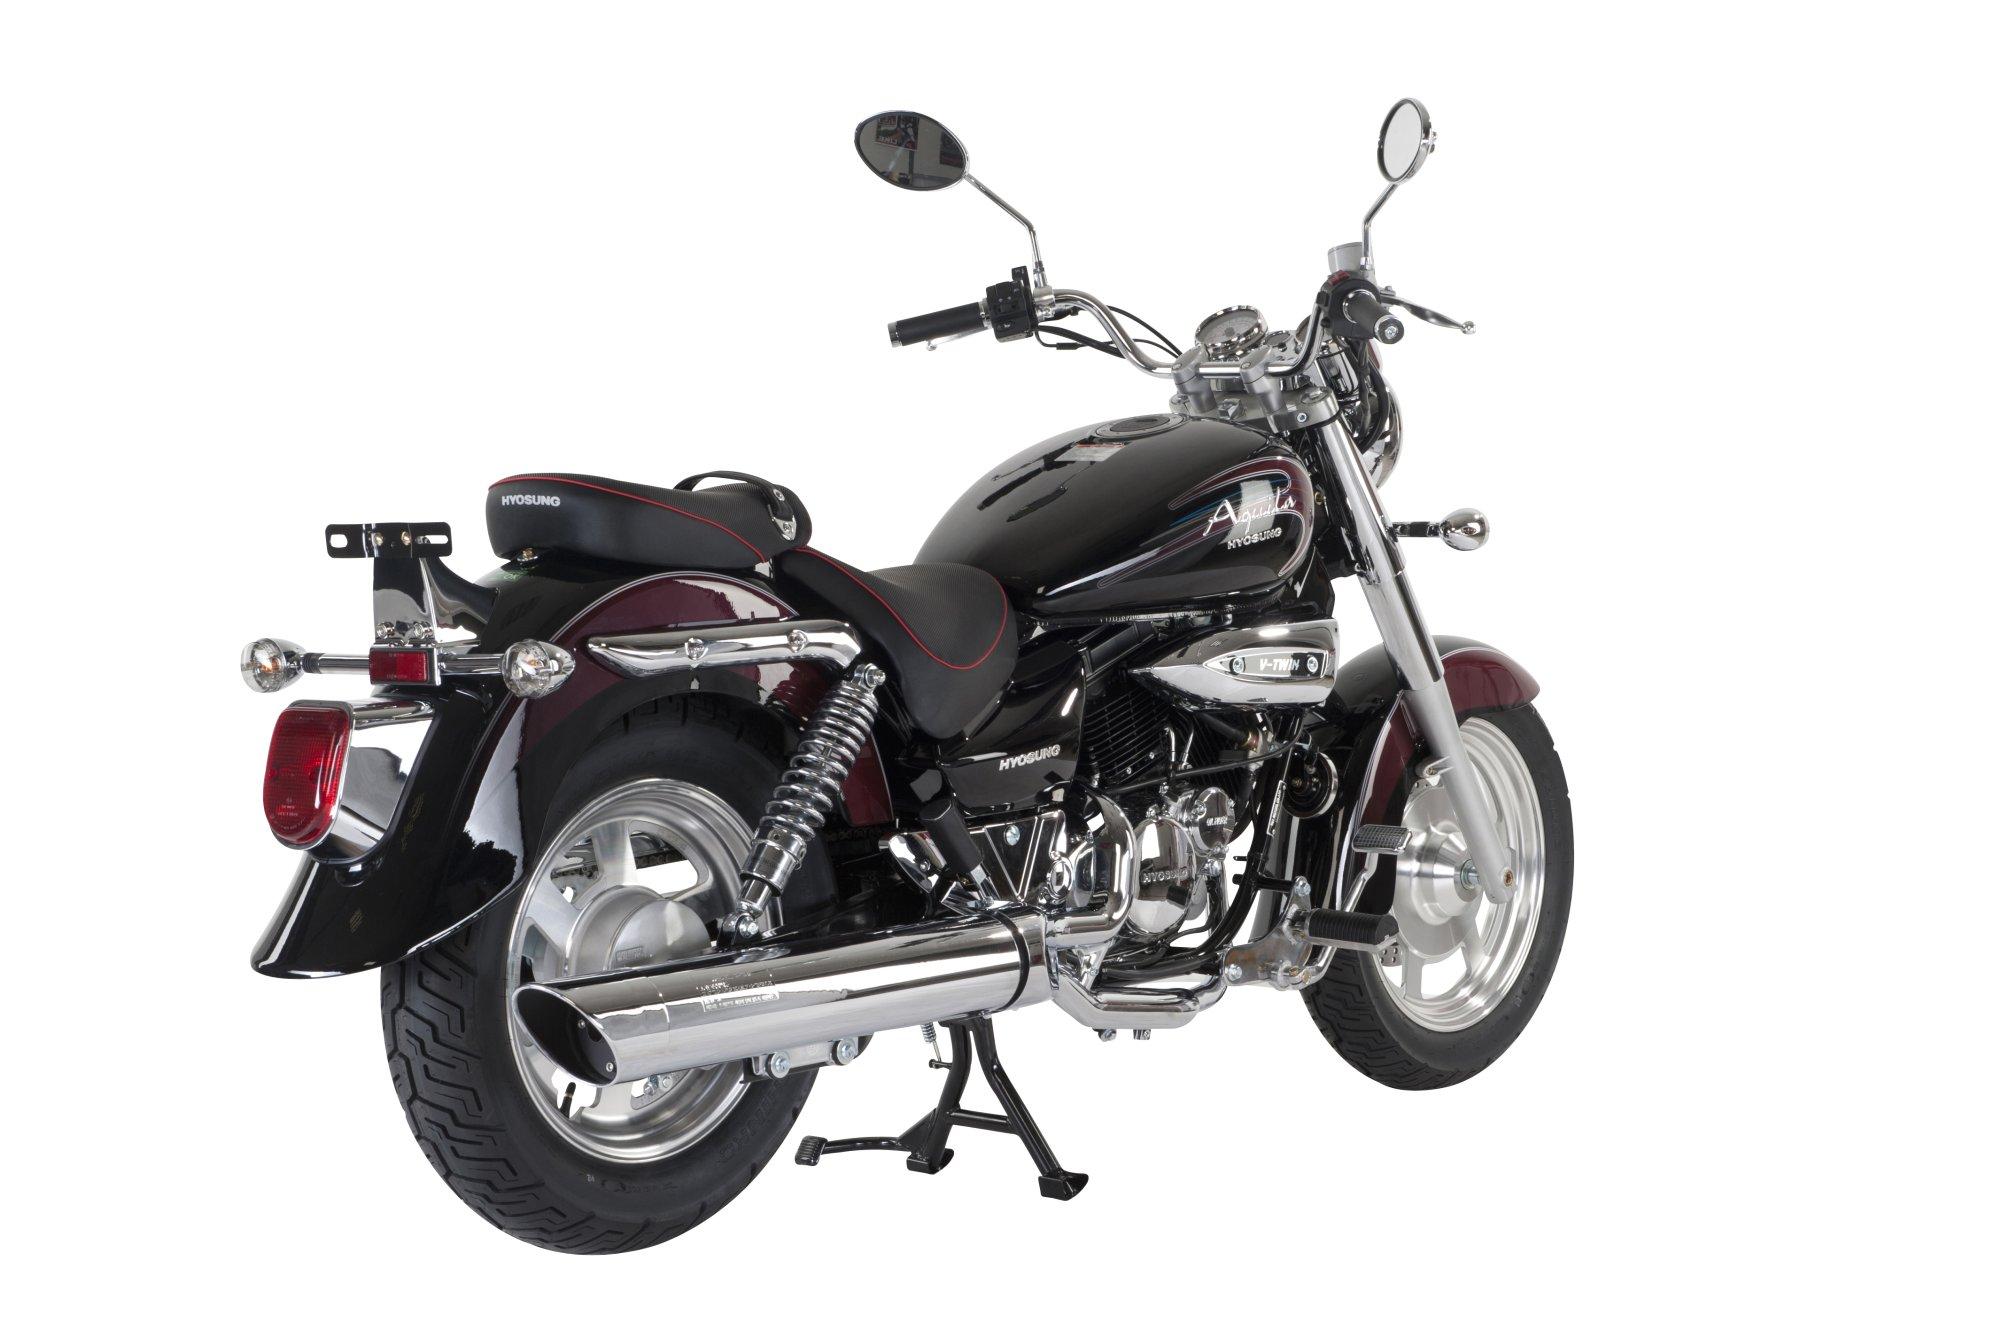 gebrauchte und neue hyosung gv 125 motorr der kaufen. Black Bedroom Furniture Sets. Home Design Ideas